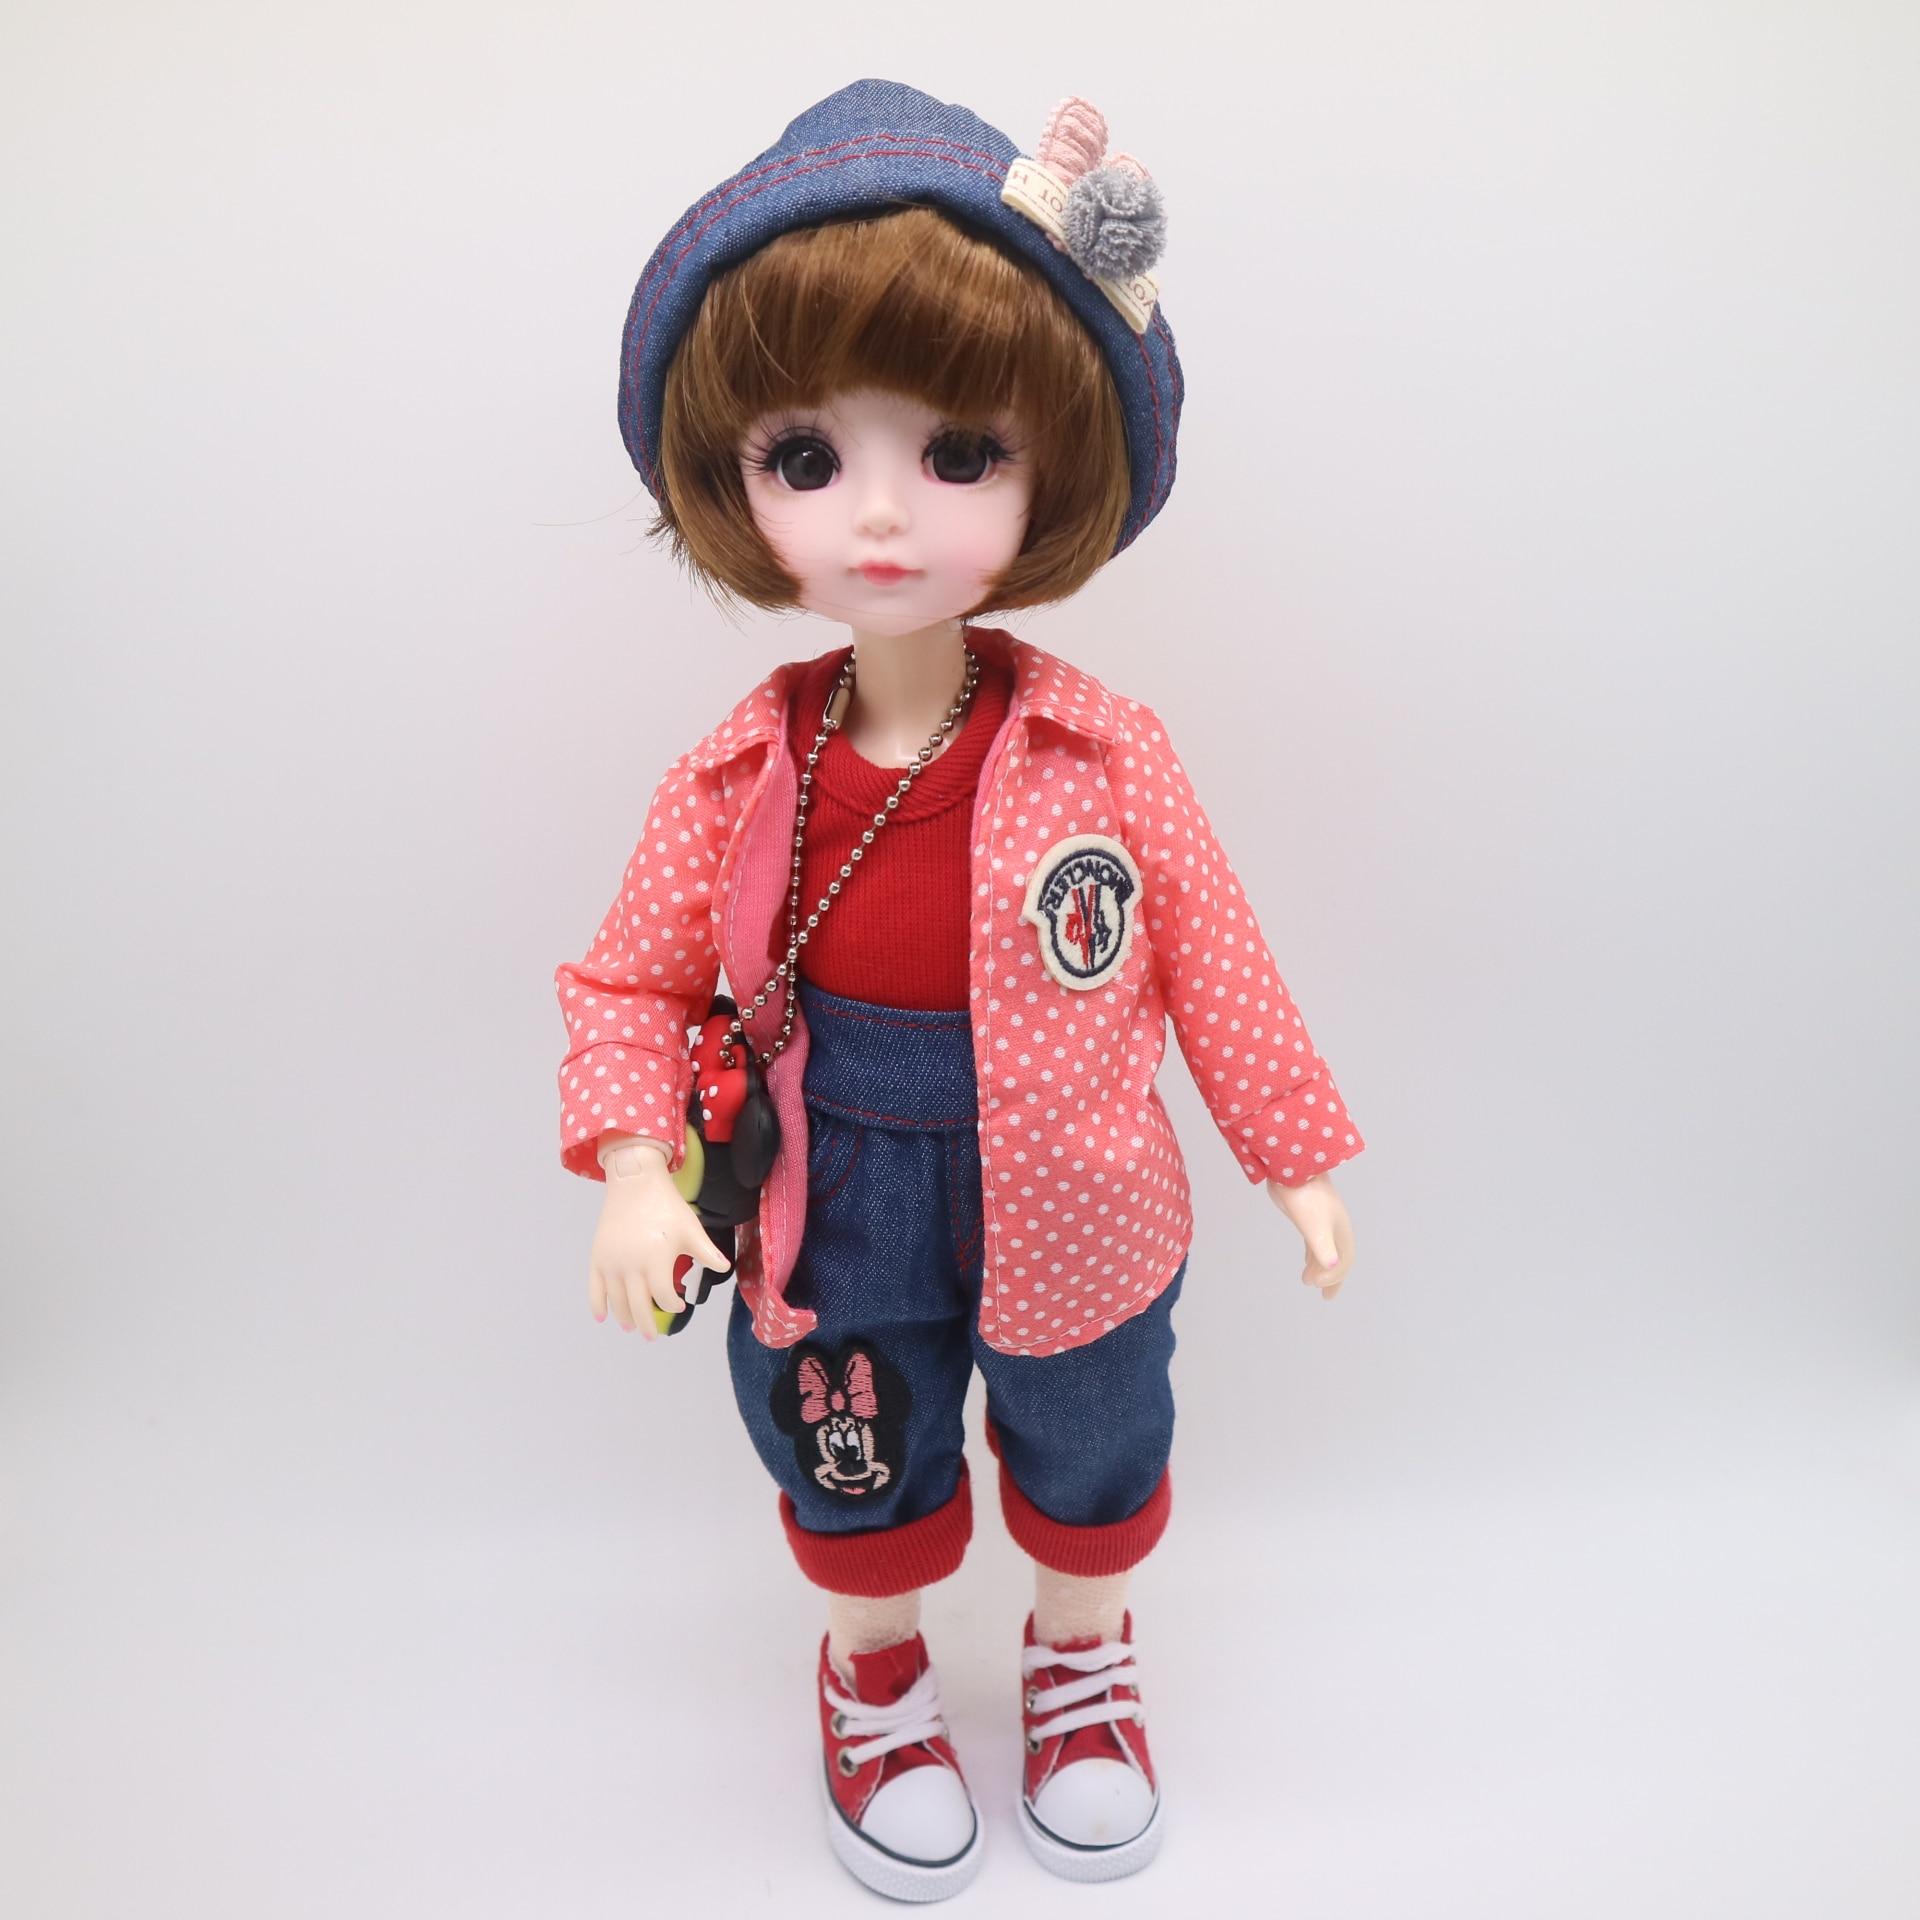 New Christmas girl Dolls BJD Girl dolls 30 CM plastic doll